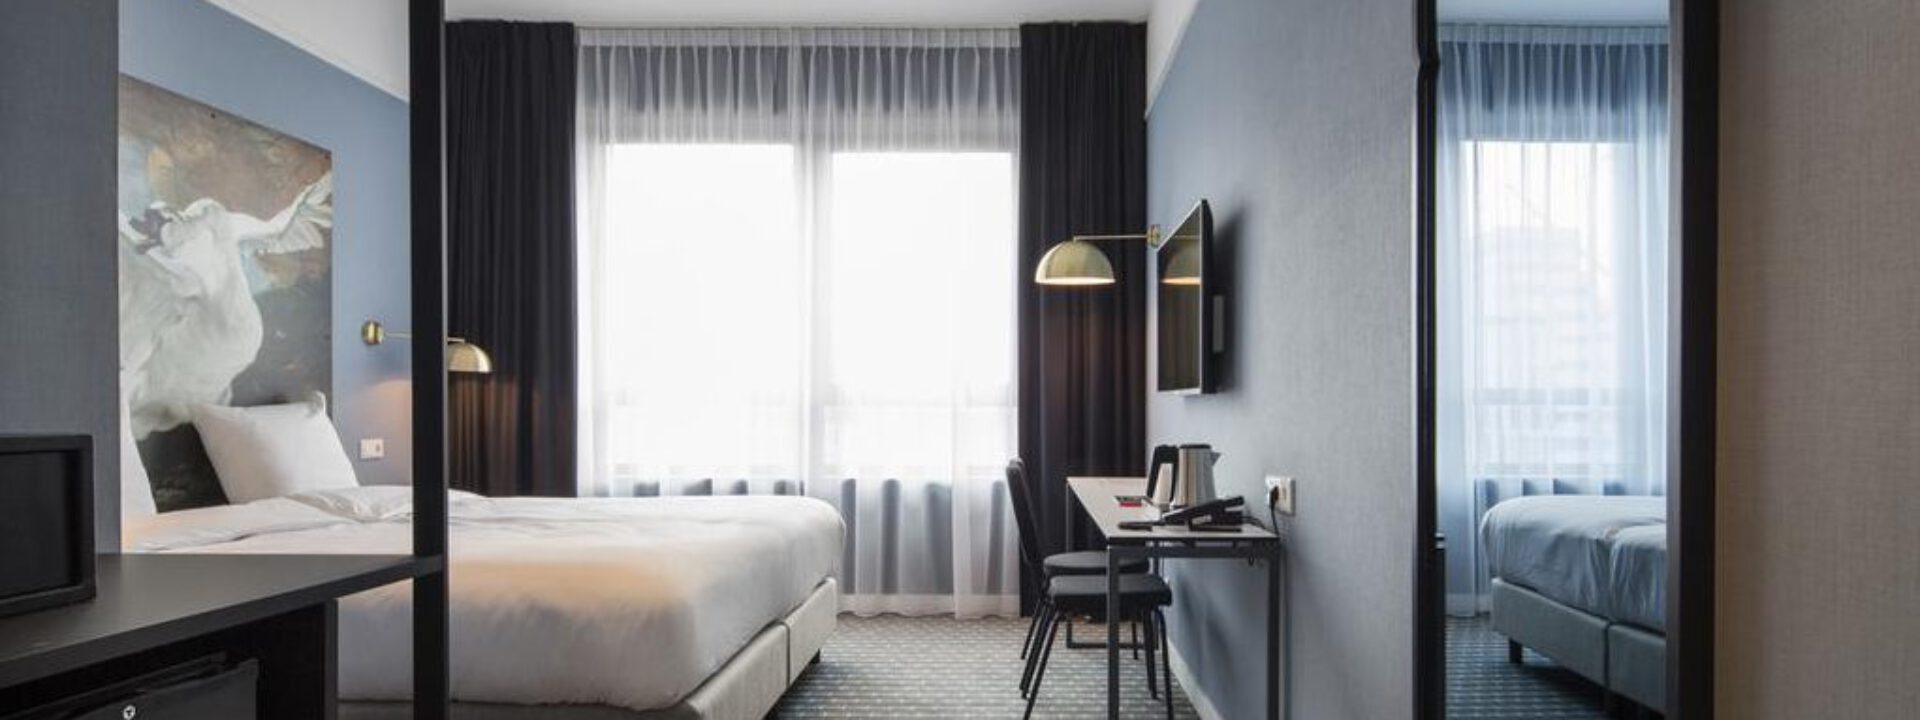 Aan de slag bij het grootste hotel van de Benelux